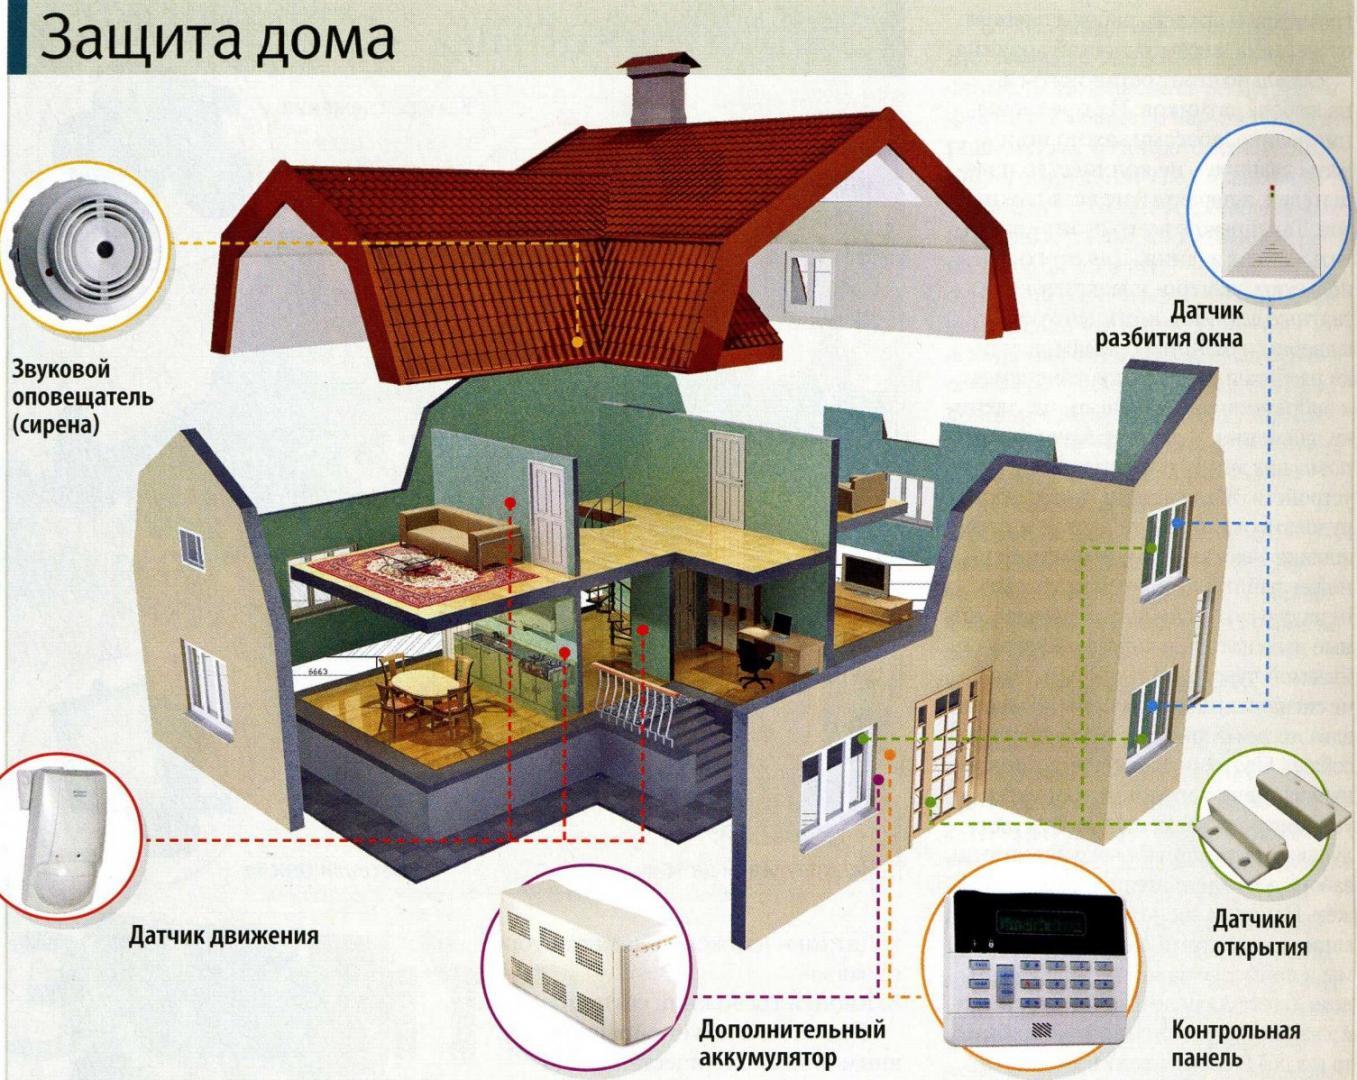 kak-podklyuchit-datchik-dvizheniya-k-svetodiodnomu-prozhektoru